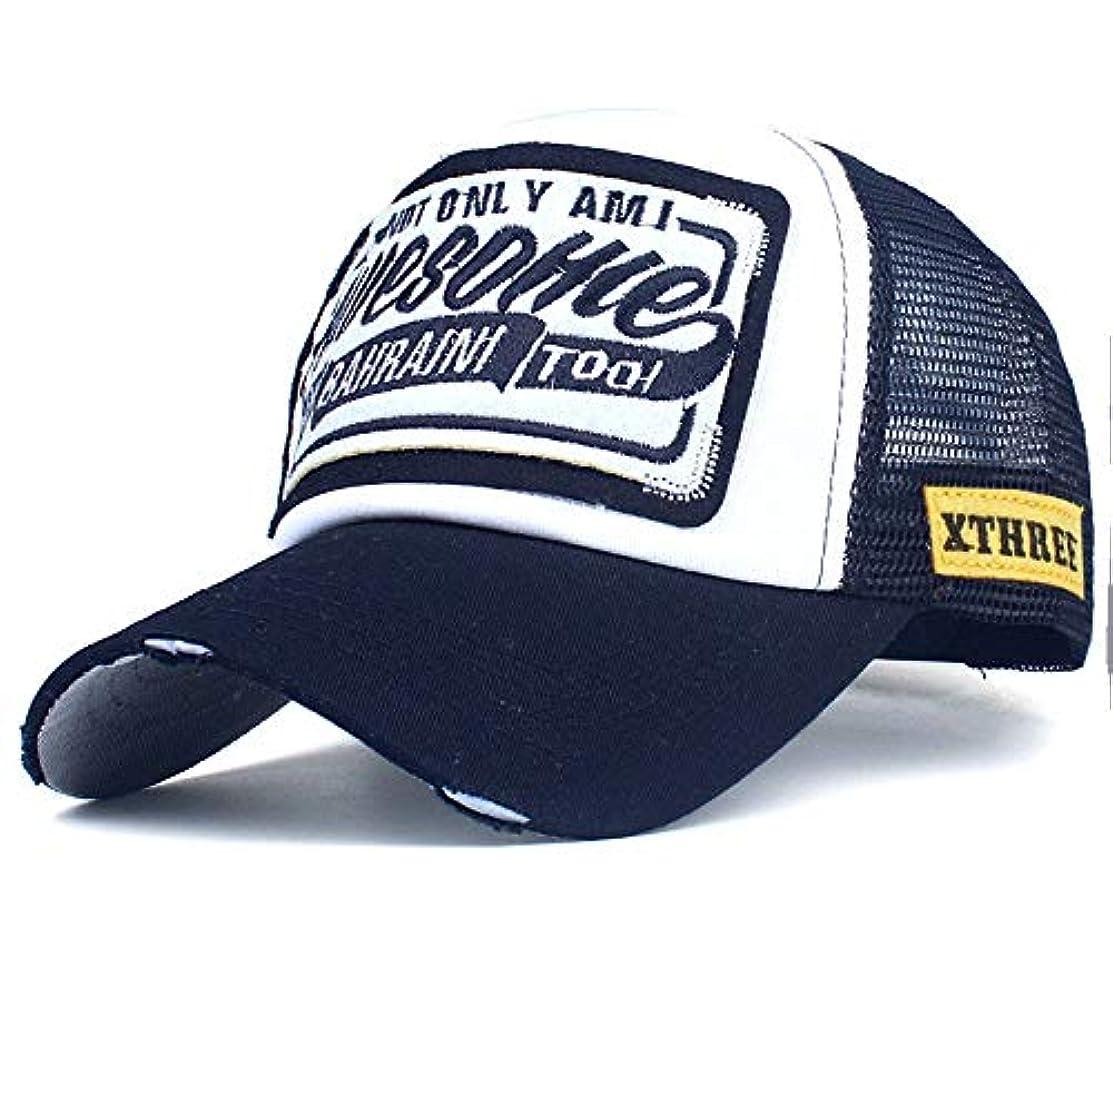 ヘッジ注目すべき気まぐれなRacazing カモフラージュ 野球帽 ヒップホップ メンズ 夏 登山 帽子 迷彩 可調整可能 プラスベルベット 棒球帽 UV 帽子 UVカット軽量 屋外 Unisex 鸭舌帽 Hat Cap